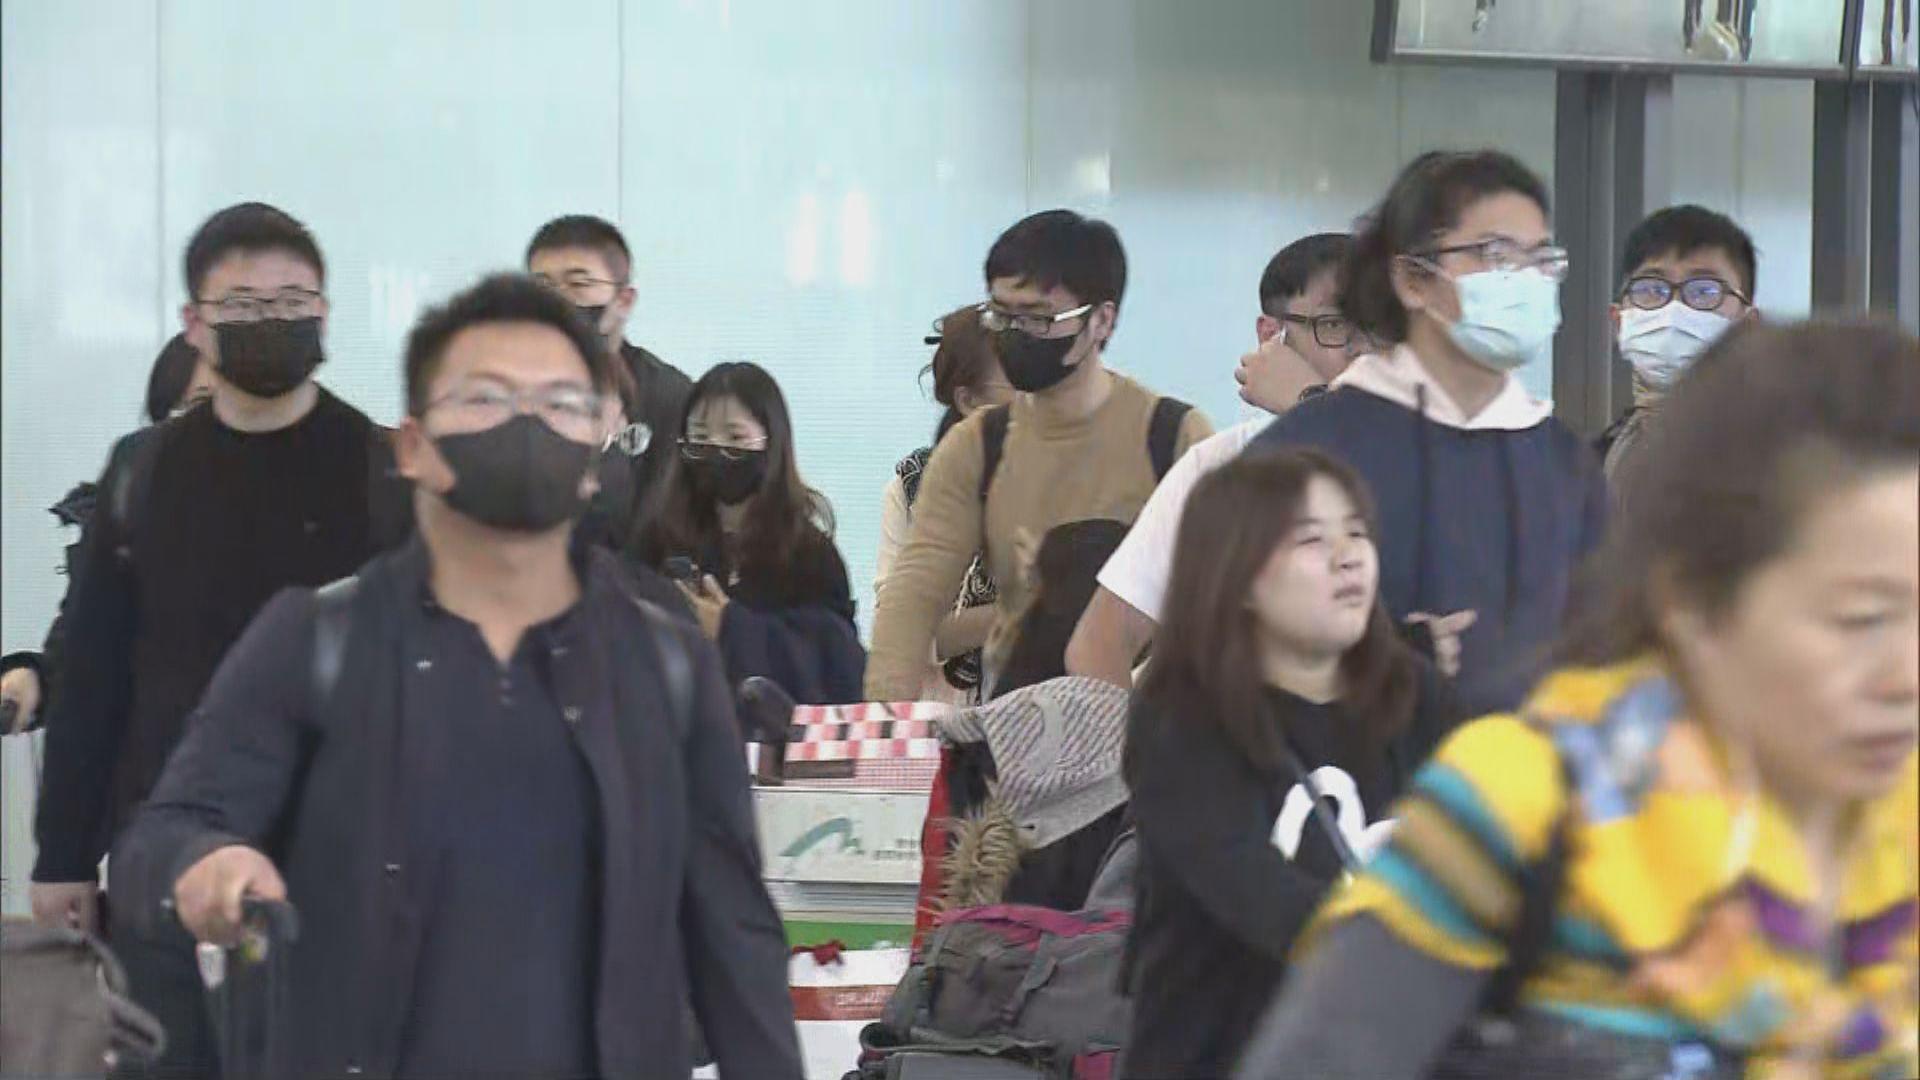 武漢抵港旅客:只需申報出發地、航班資料及電話